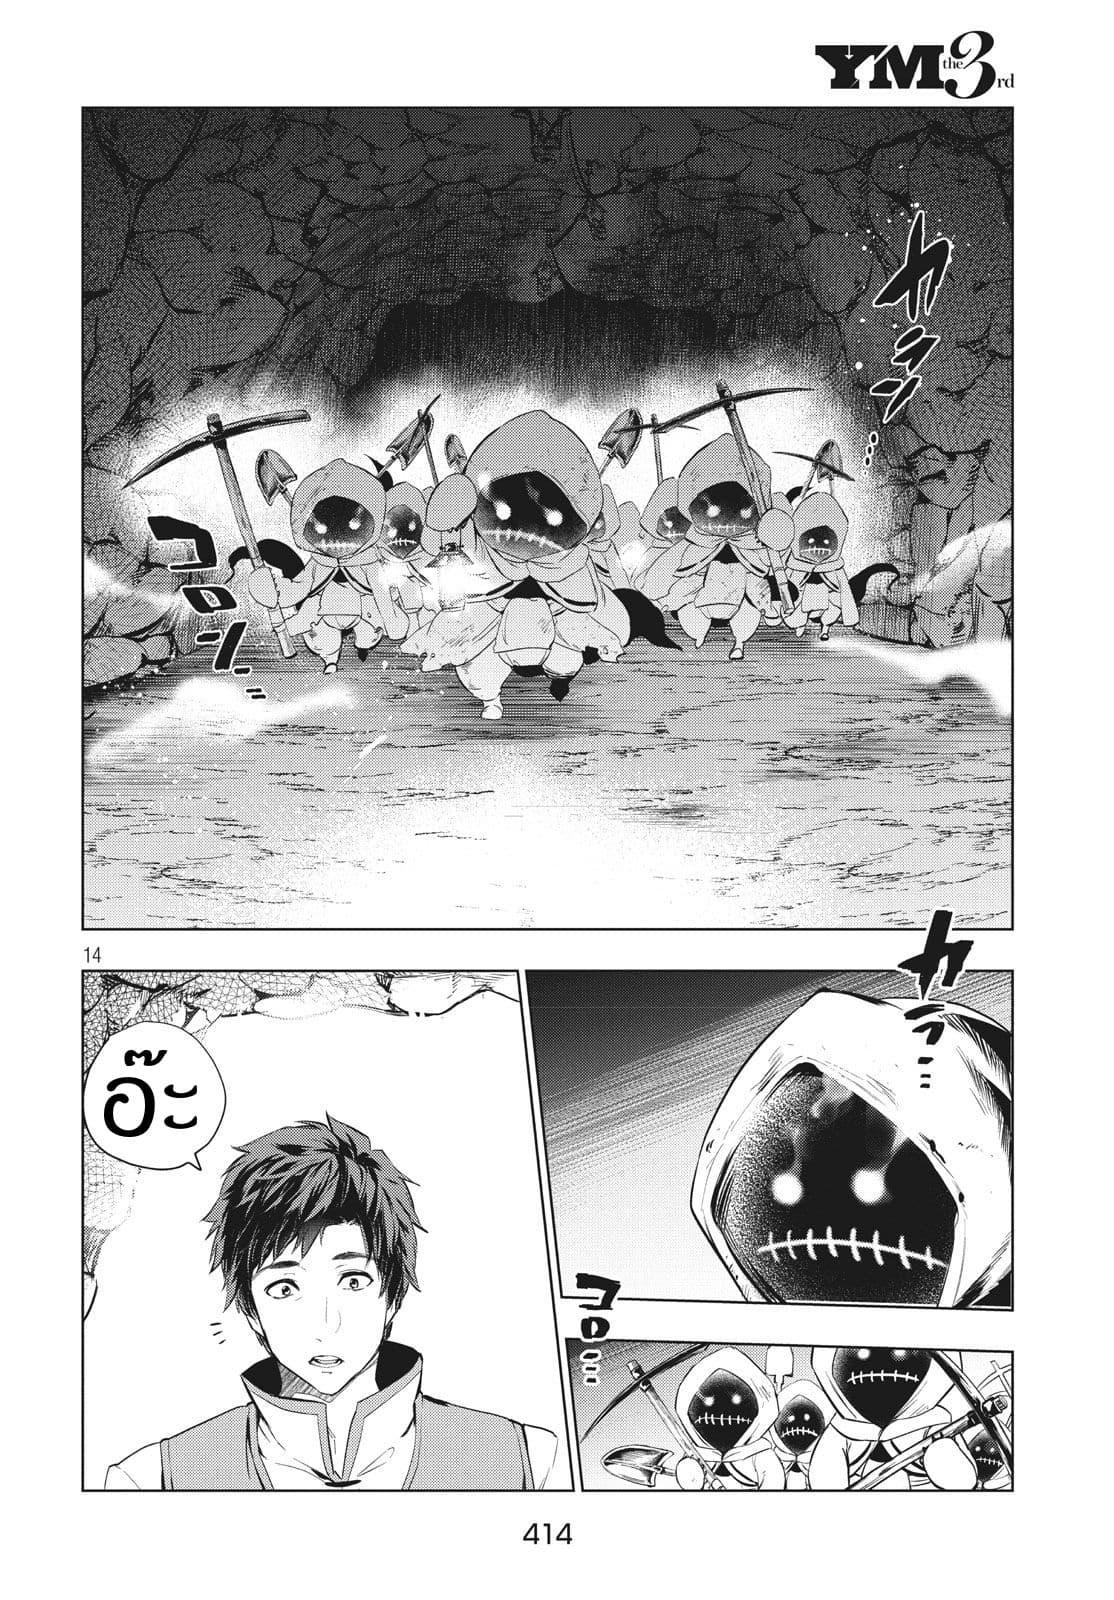 อ่านการ์ตูน Kaiko sareta Ankoku Heishi (30-dai) no Slow na Second ตอนที่ 5.1 หน้าที่ 13